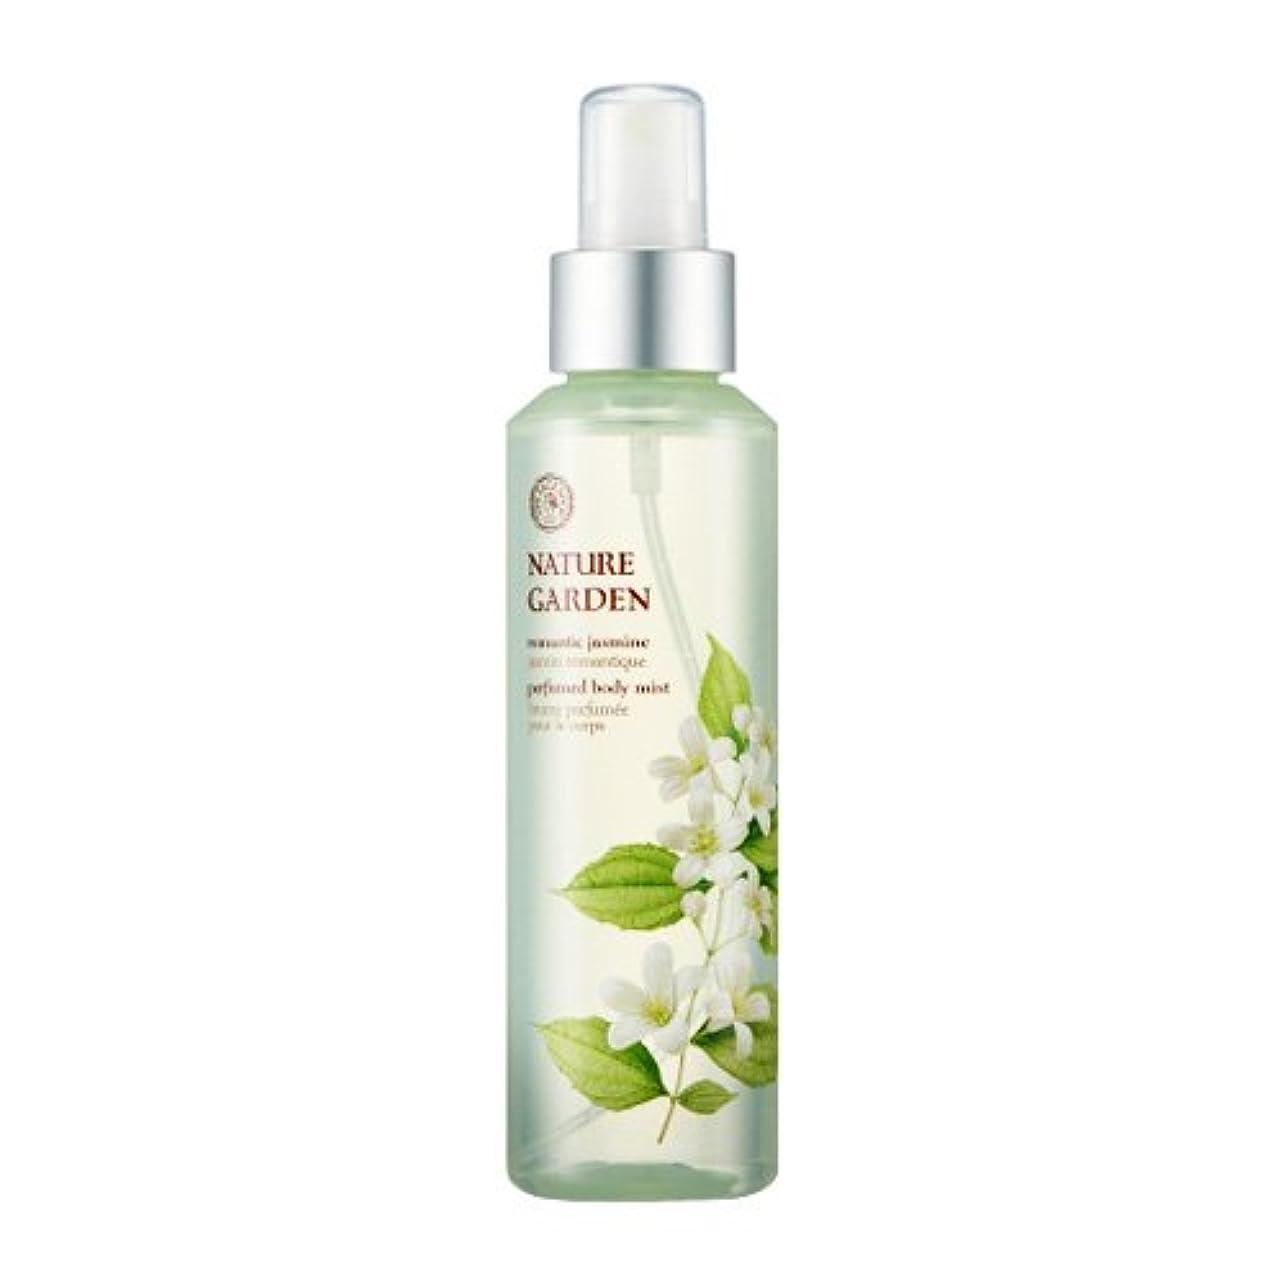 無視する本部重要性THE FACE SHOP NATURE GARDEN (Romantic Jasmine) Perfume Body Mist / ザ?フェイスショップ ネイチャーガーデン パフューム ボディミスト [並行輸入品]